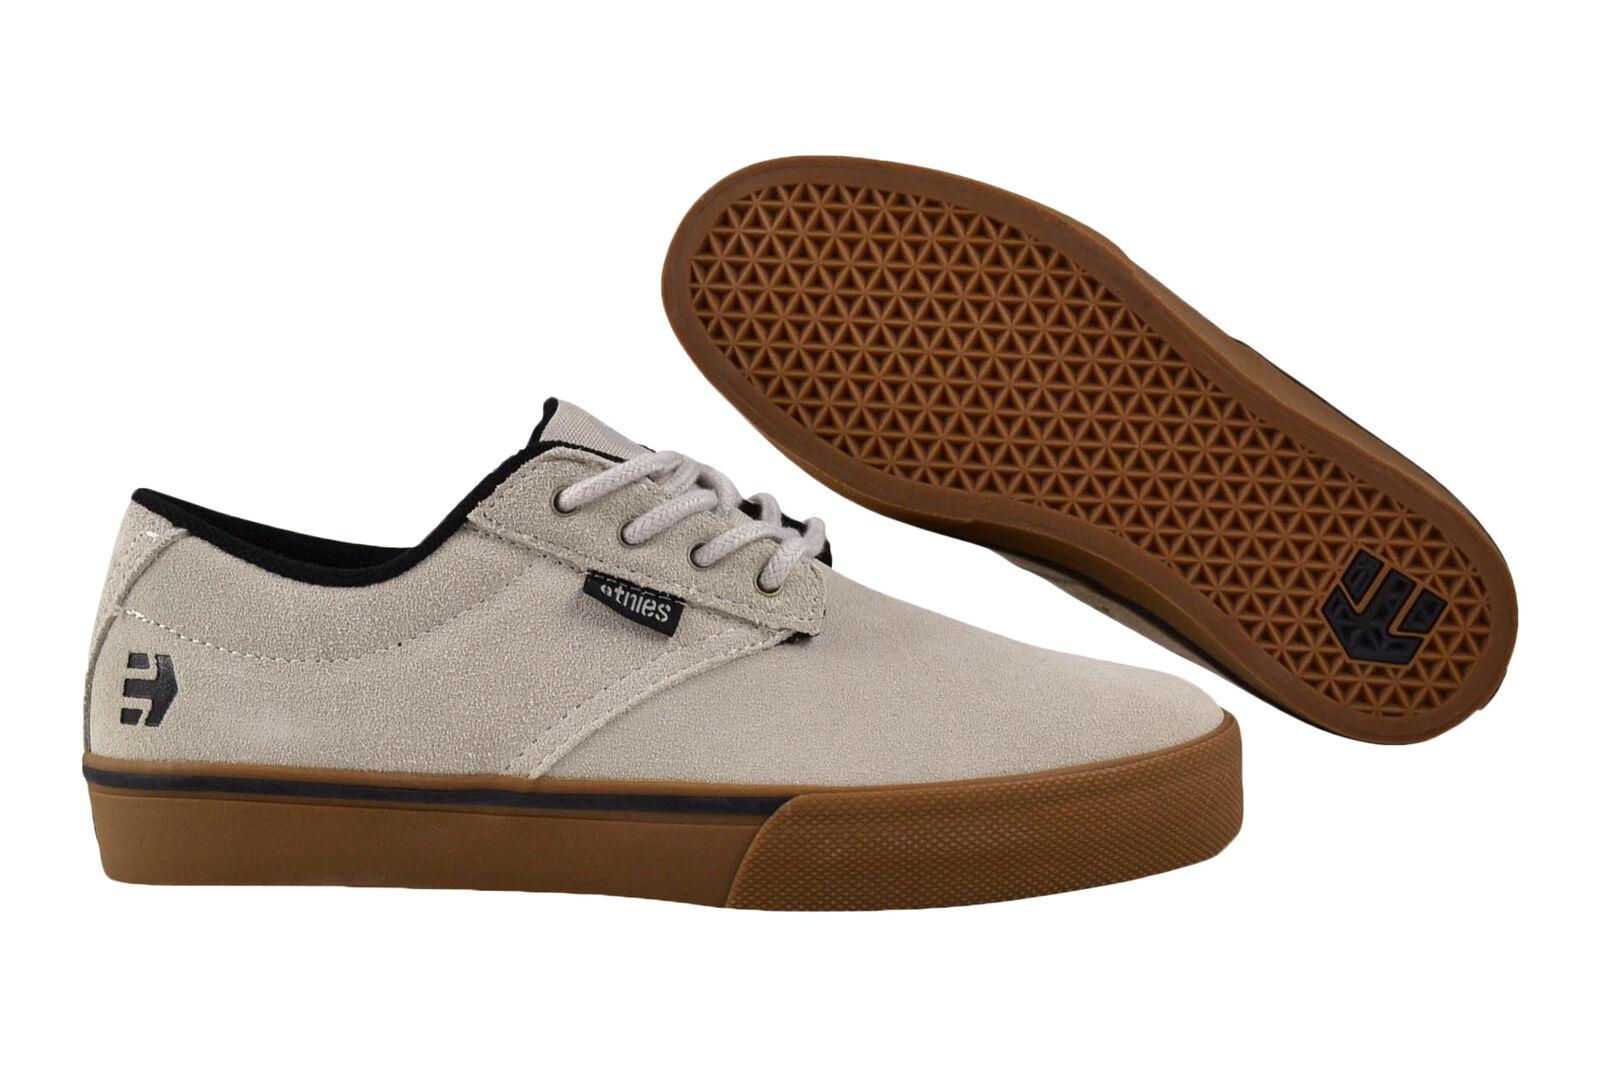 Etnies Jameson Vulc Blanco/gum/Negro Sneaker/Zapatos Skater Sneaker/Zapatos Blanco/gum/Negro weiß 6e31d9